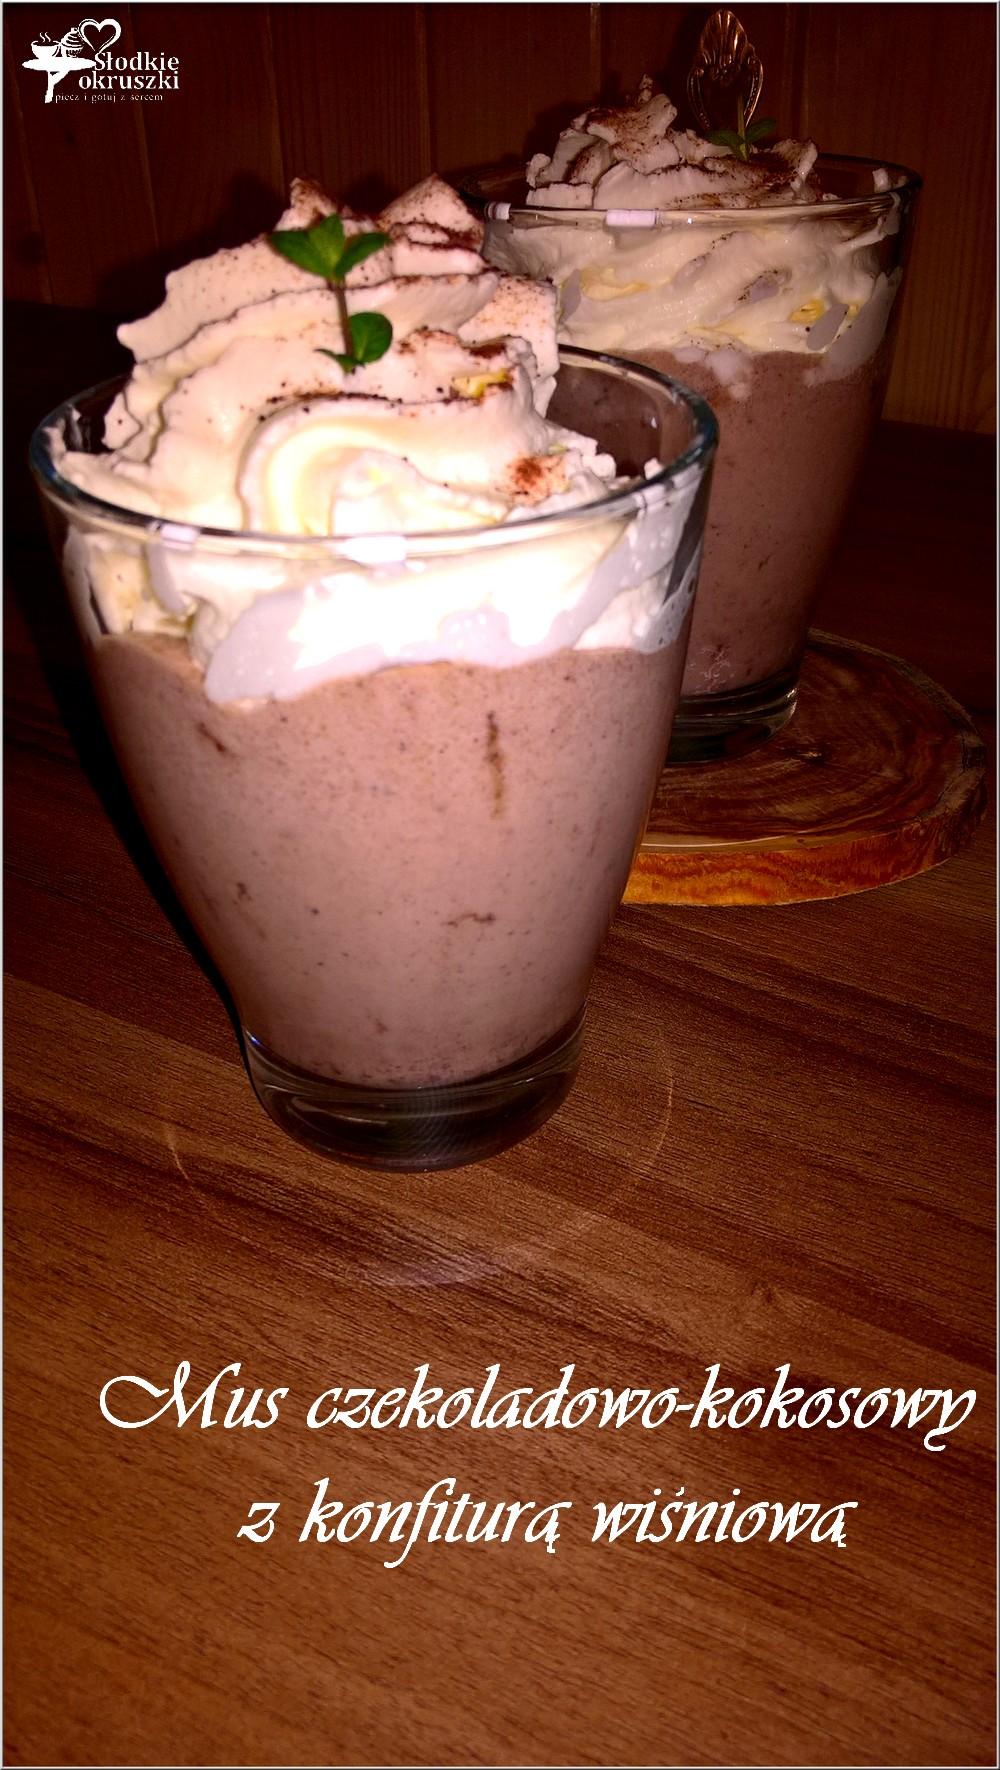 Mus czekoladowo-kokosowy z konfiturą wiśniową 1 (1)